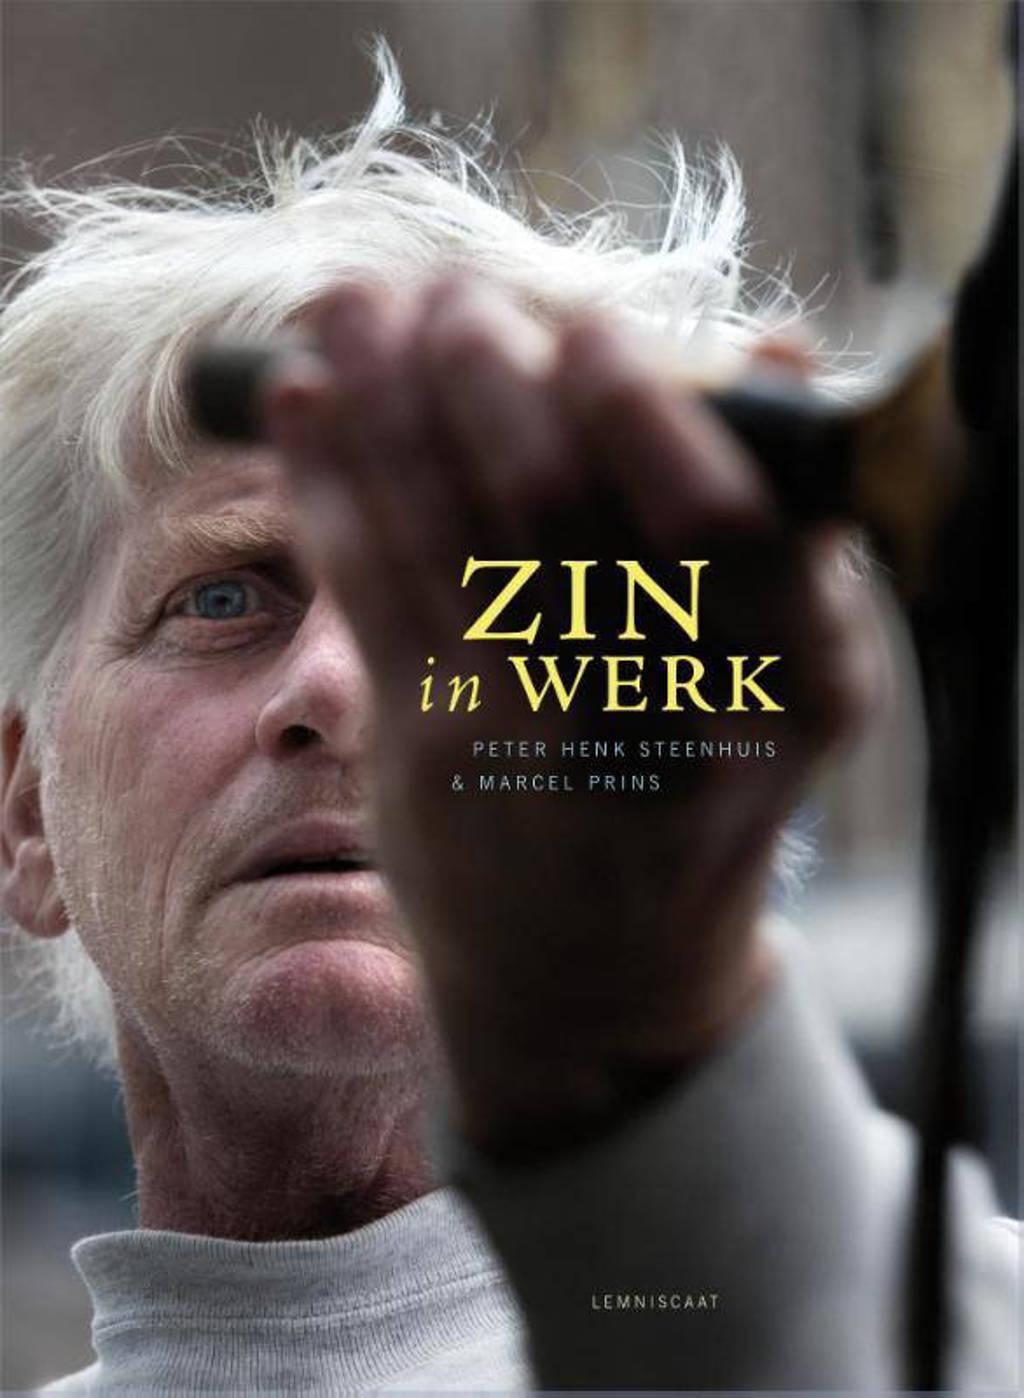 Zin in werk - Peter Henk Steenhuis